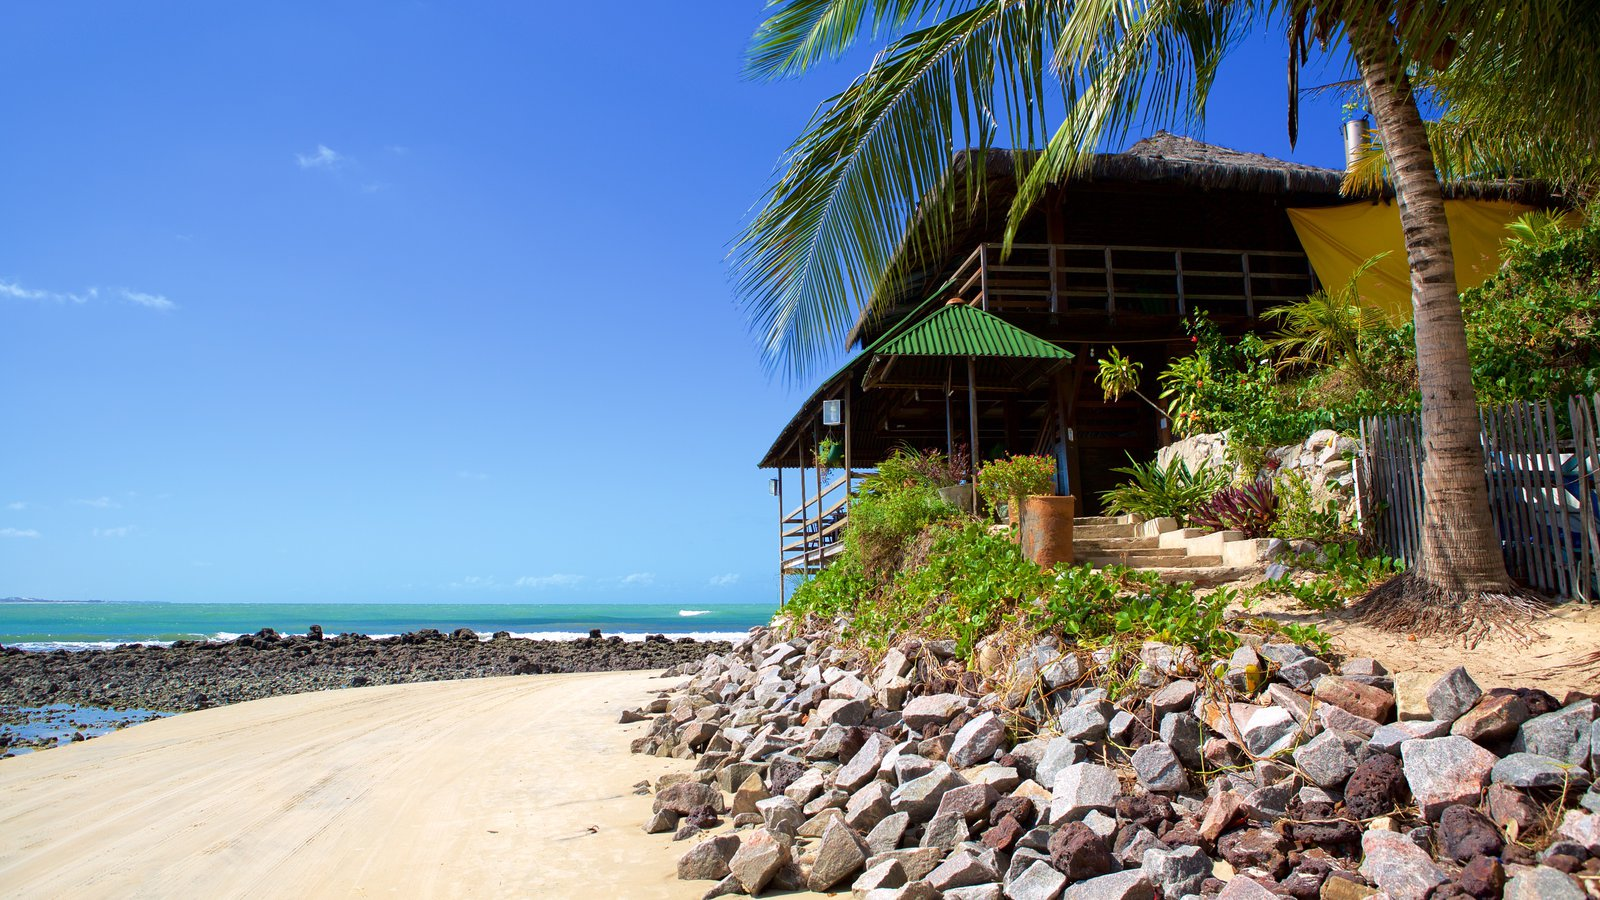 Praia de Genipabú mostrando paisagens litorâneas